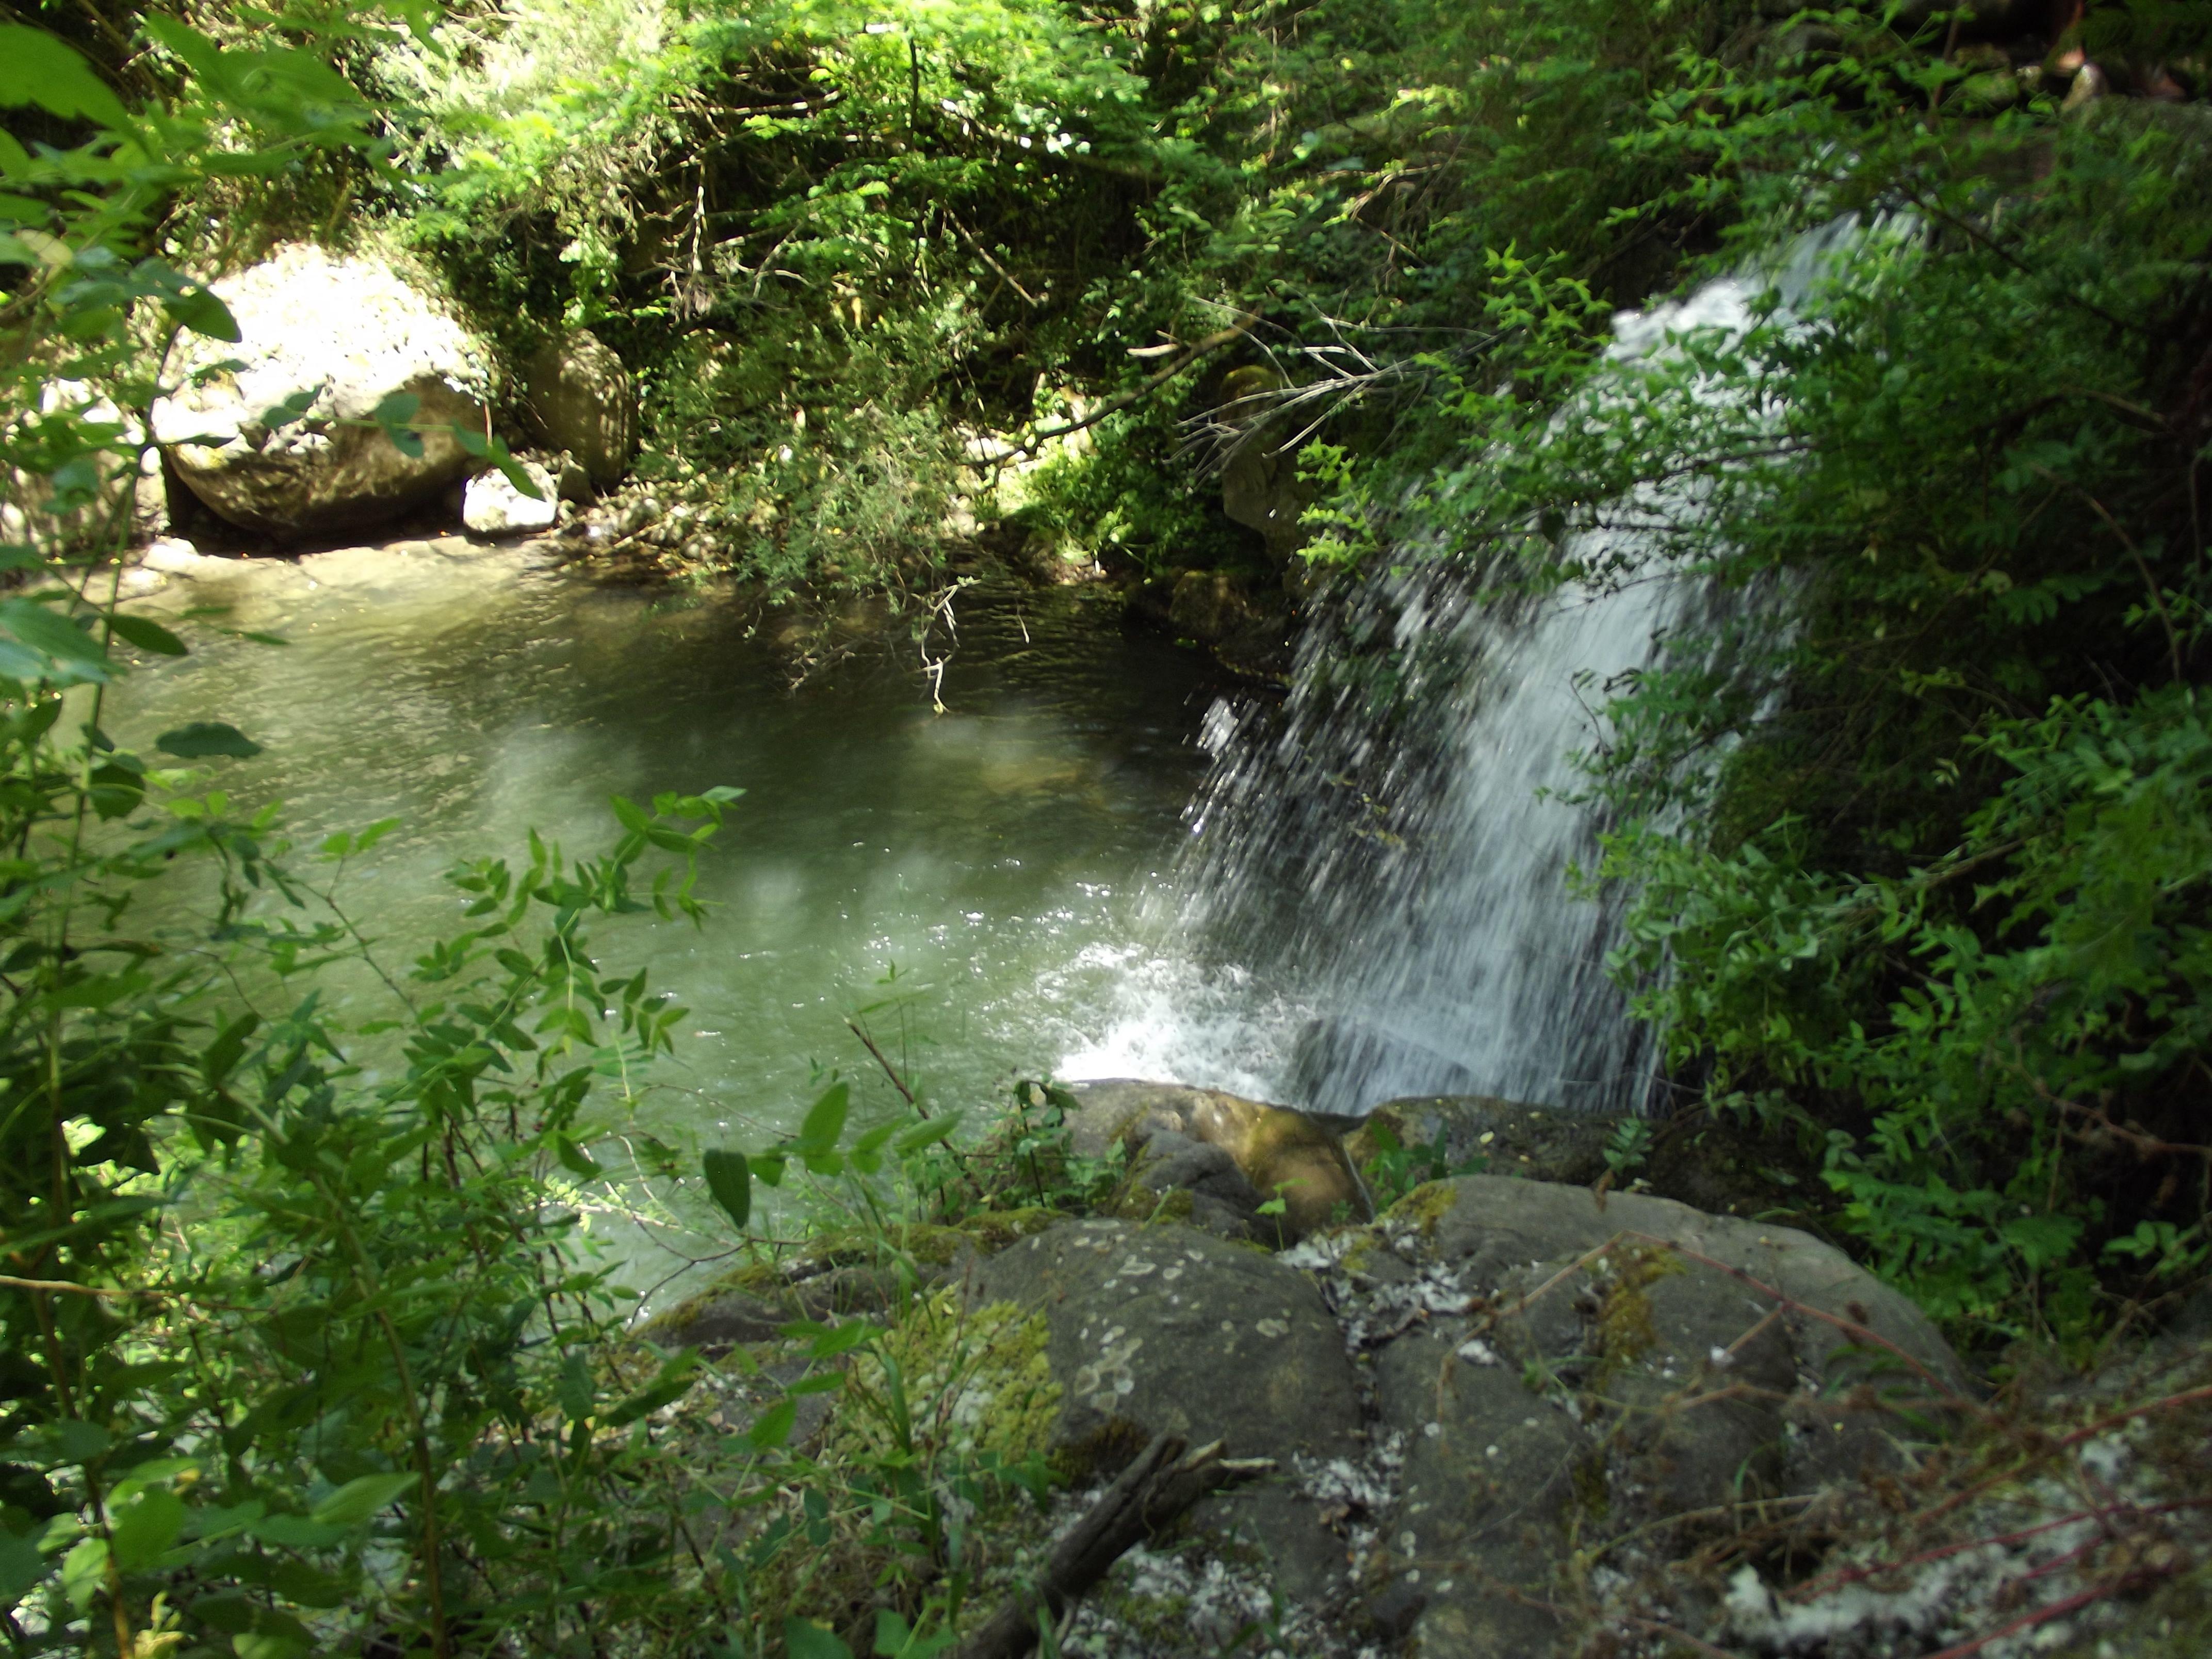 Cascata al torrente Mastropotamo. #Natura #Trekking #Acqua #LuogoIncontaminato